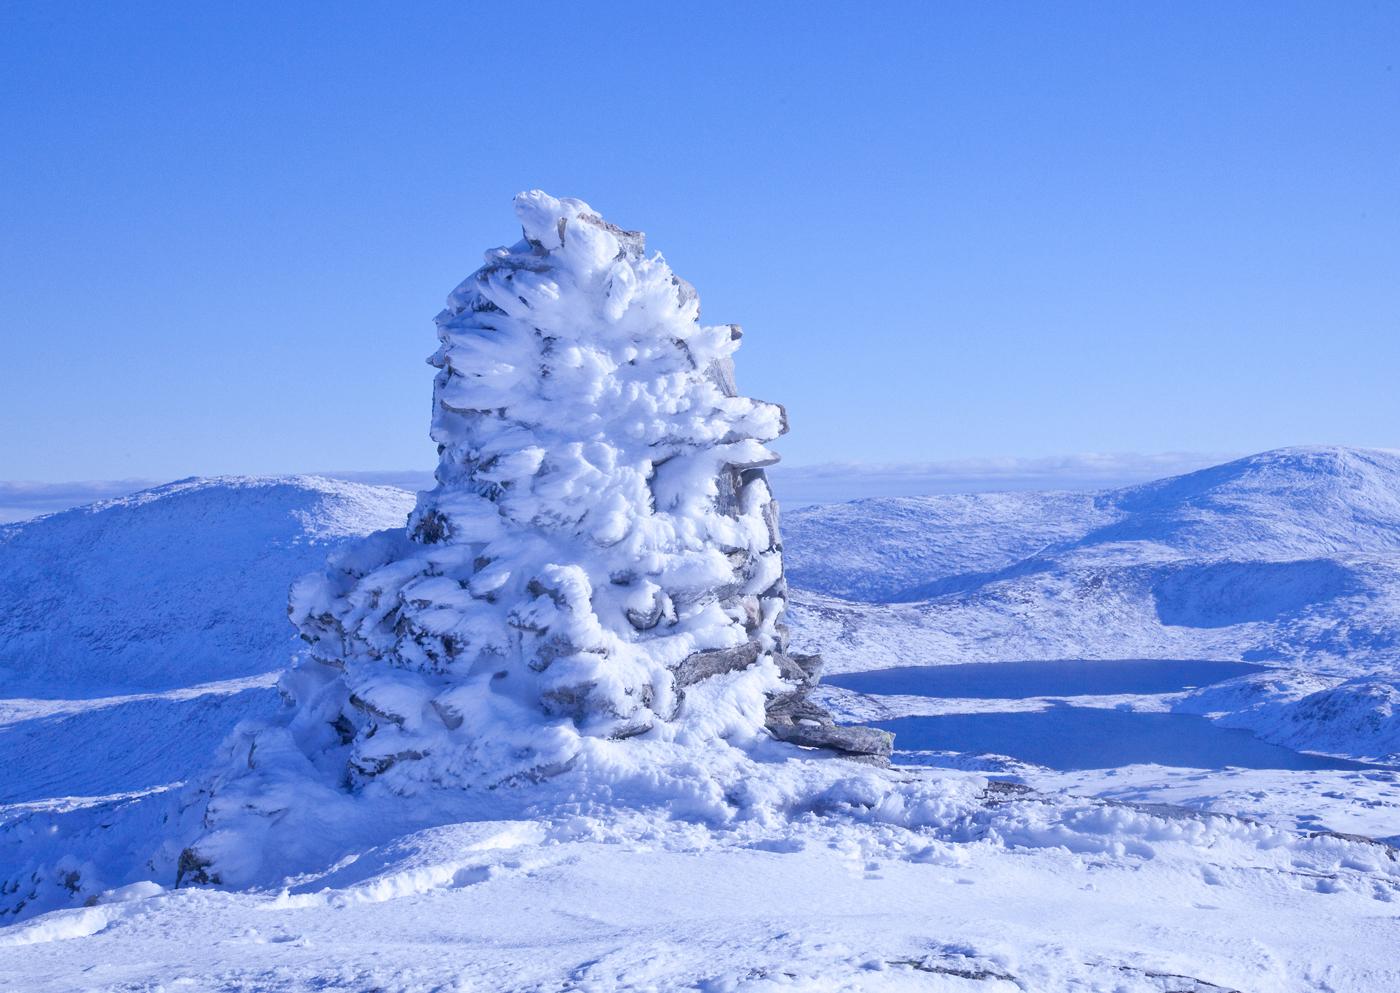 bredden på skispor